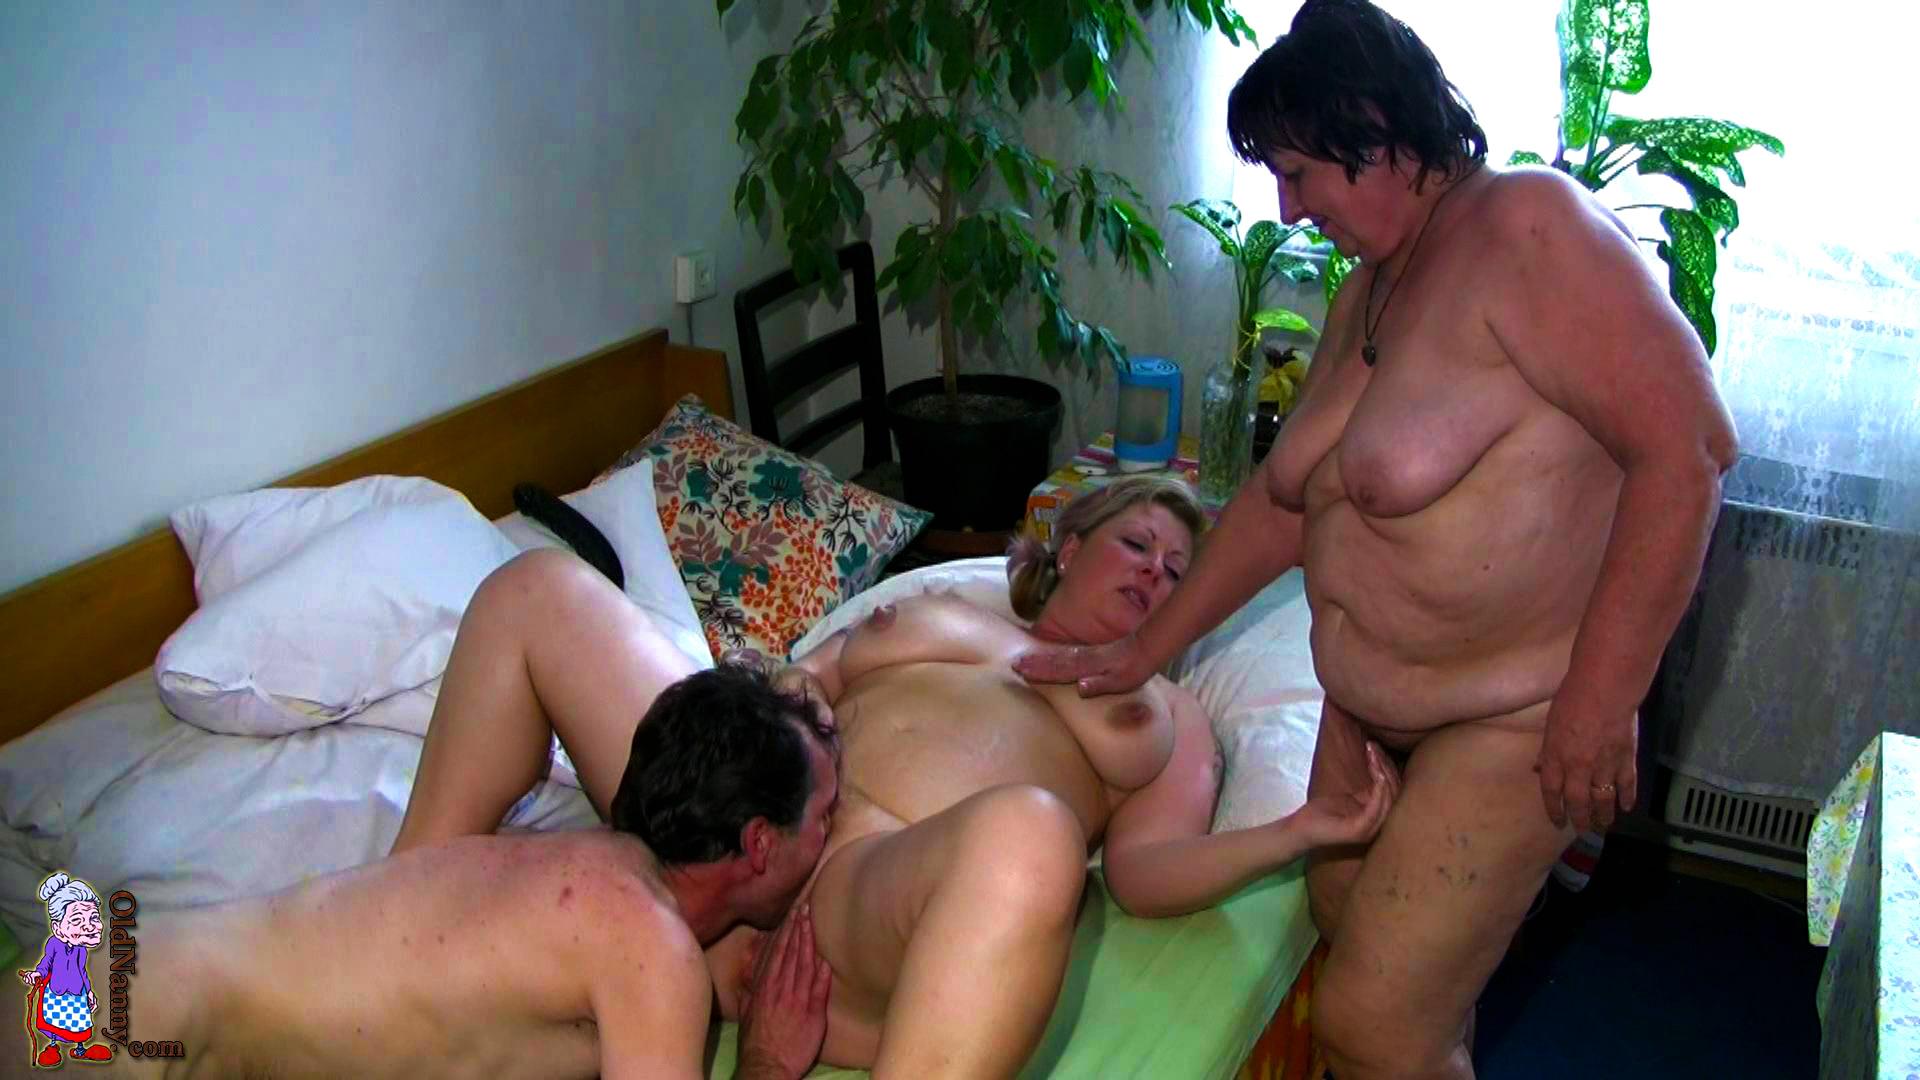 русское порно пожилых смотреть онлайн